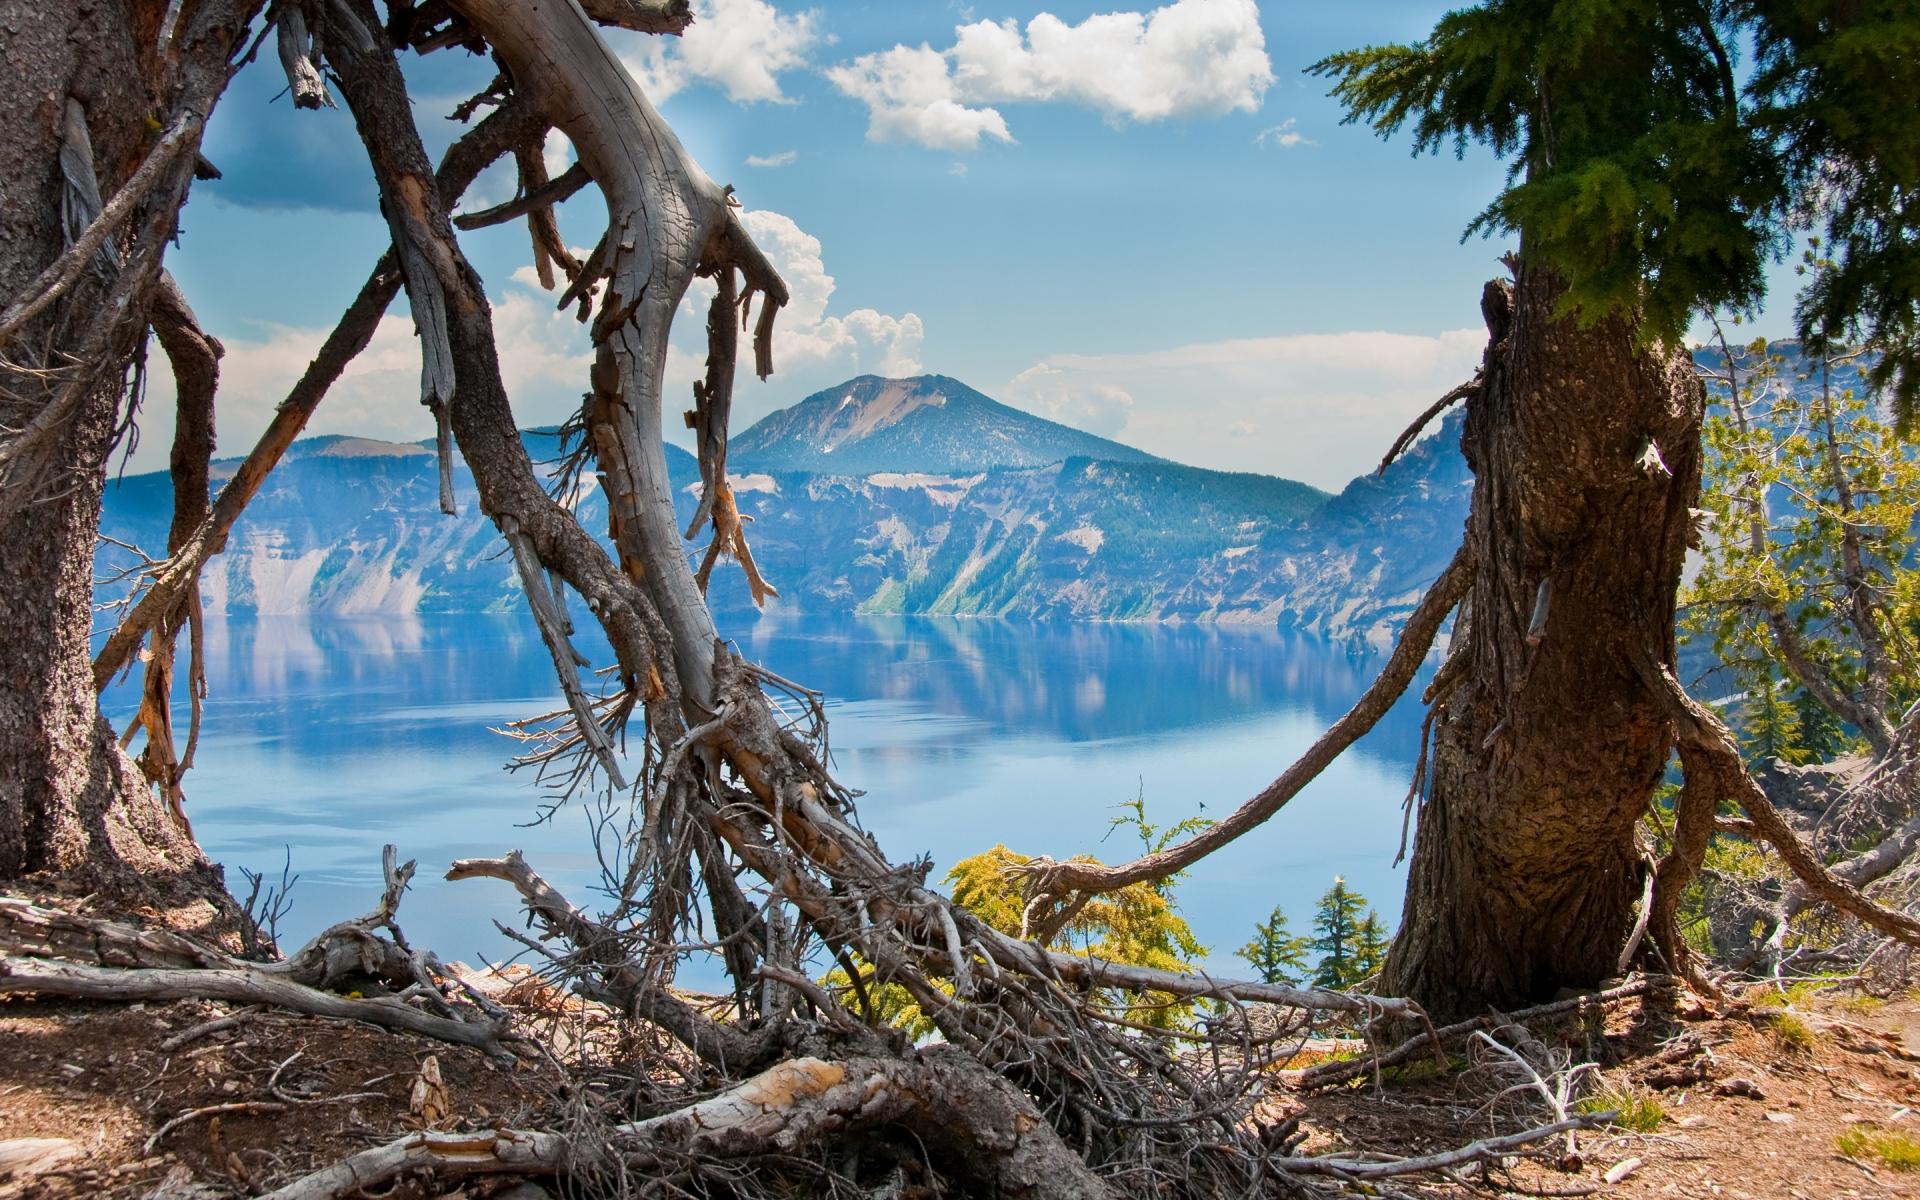 Картинки Орегон, Соединенные Штаты, горы, деревья фото и обои на рабочий стол